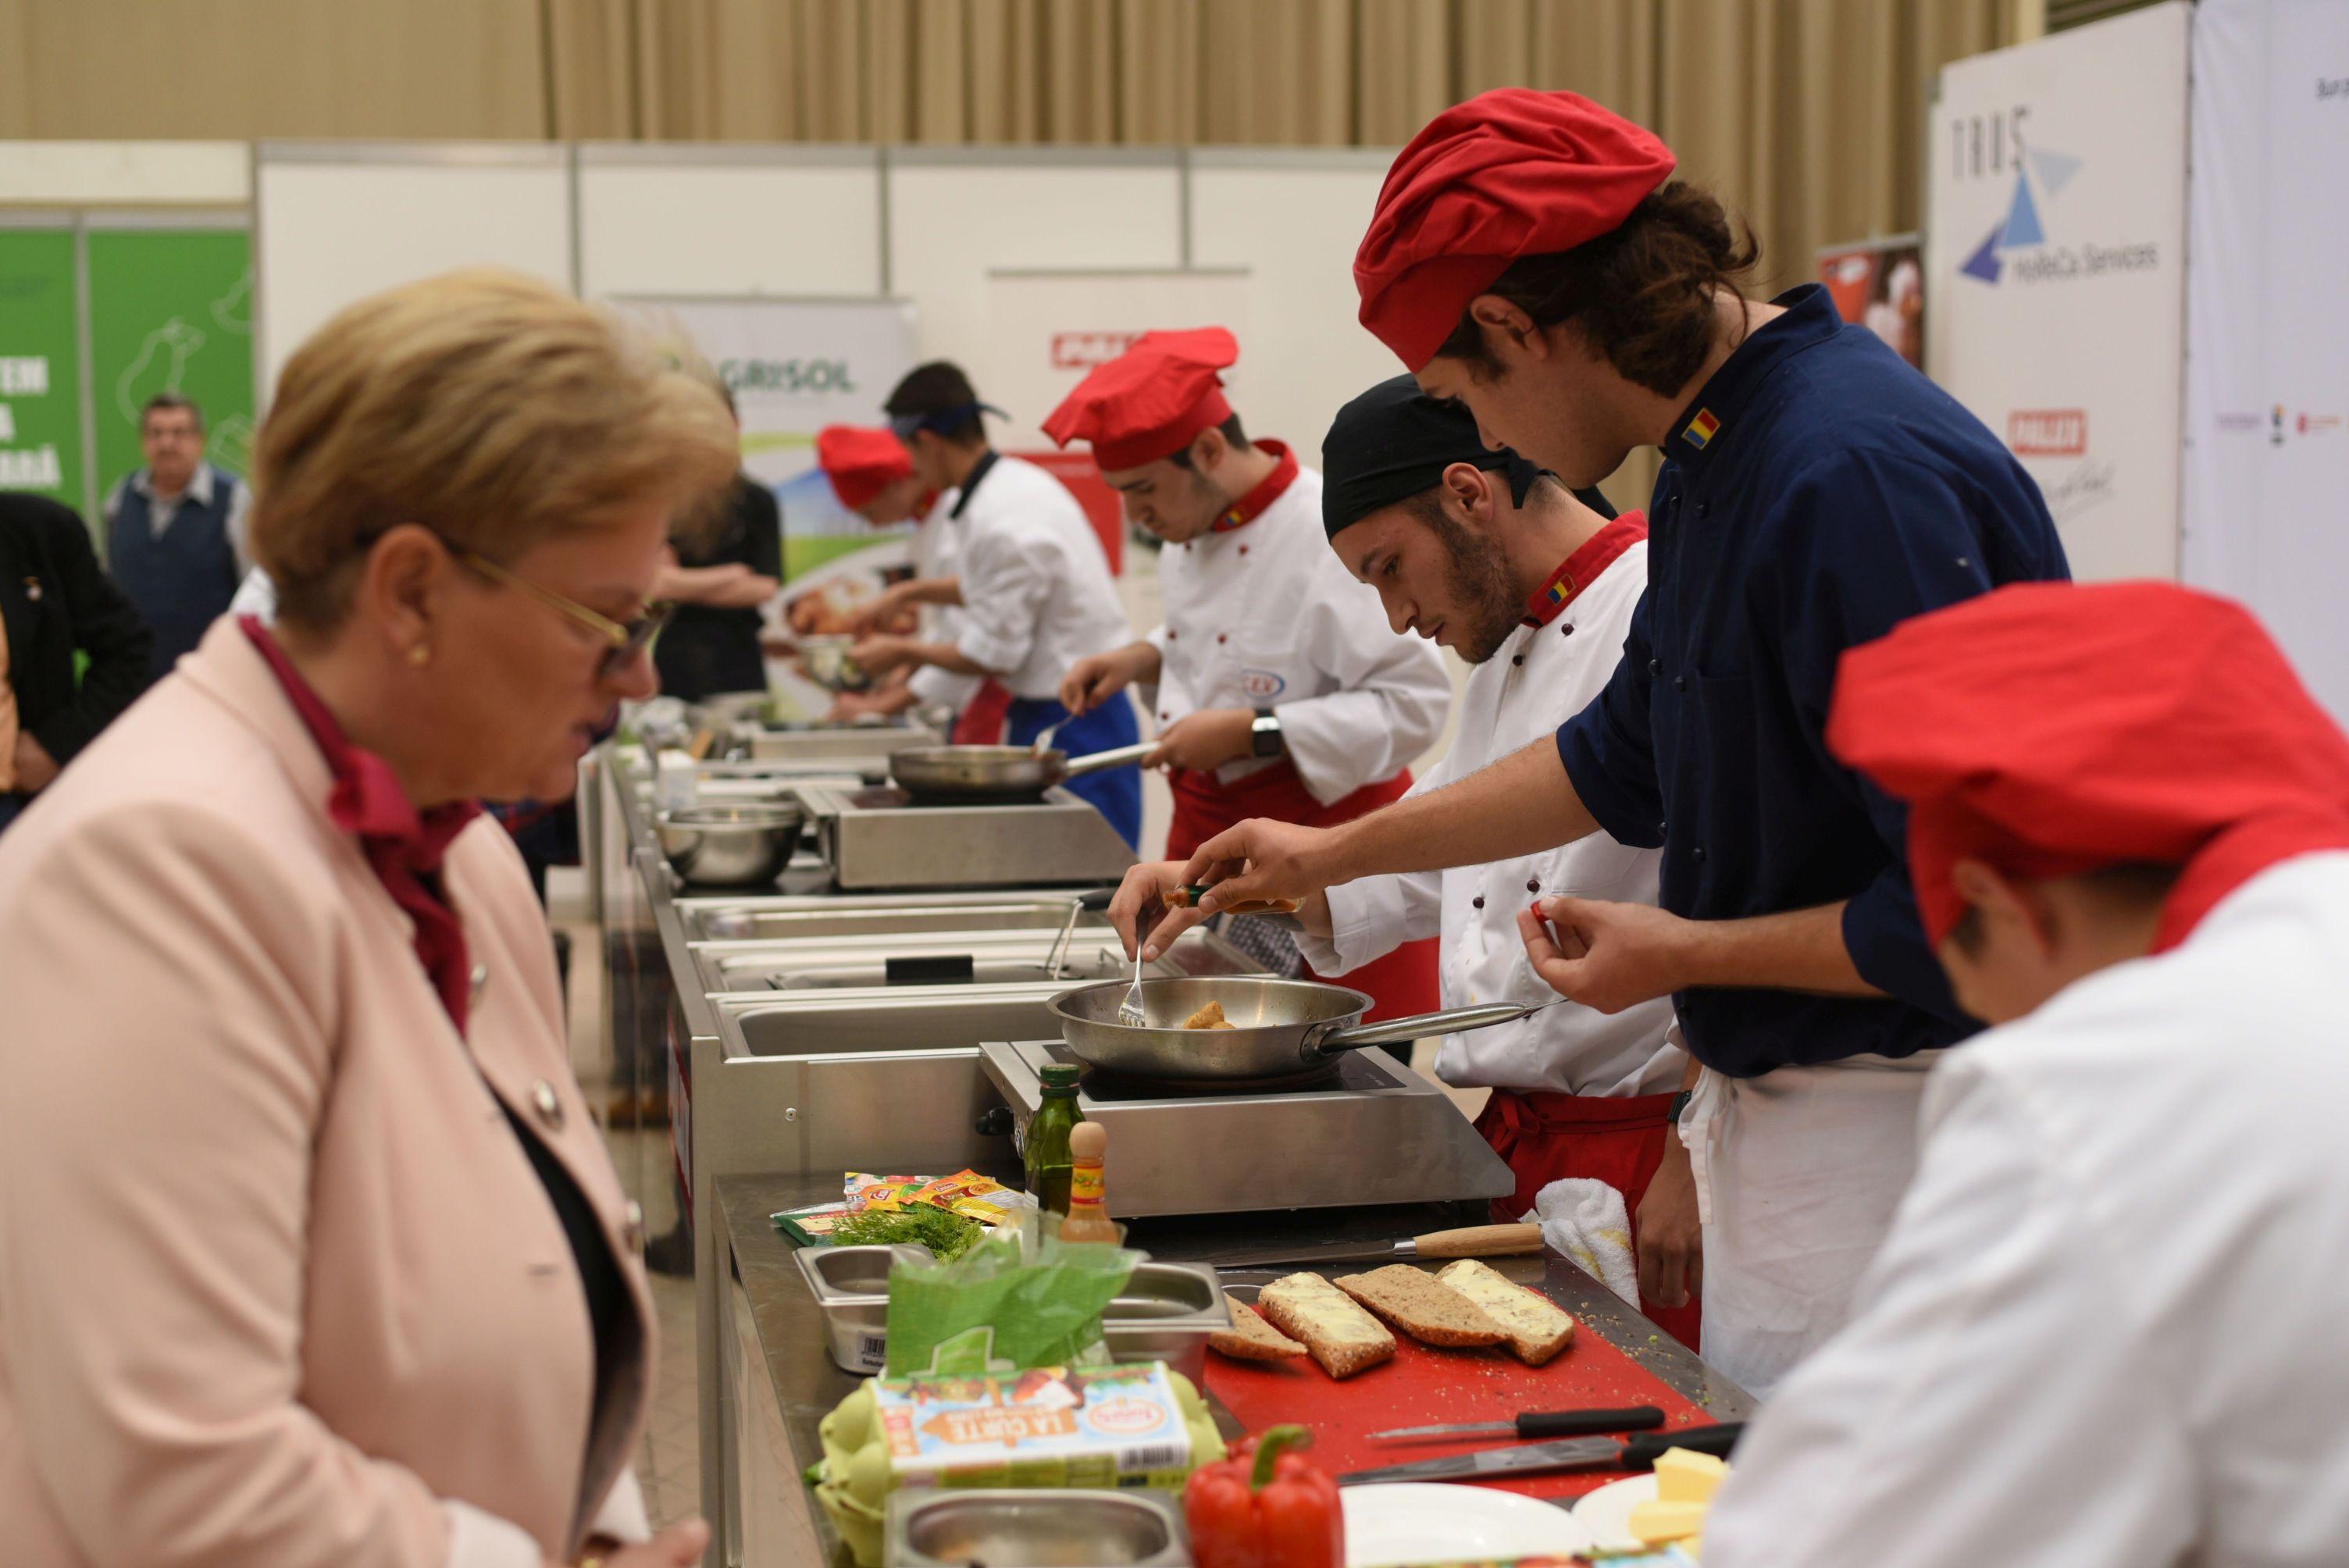 Sarbatoarea_Gustului_Salon_de_Gastronomie_109